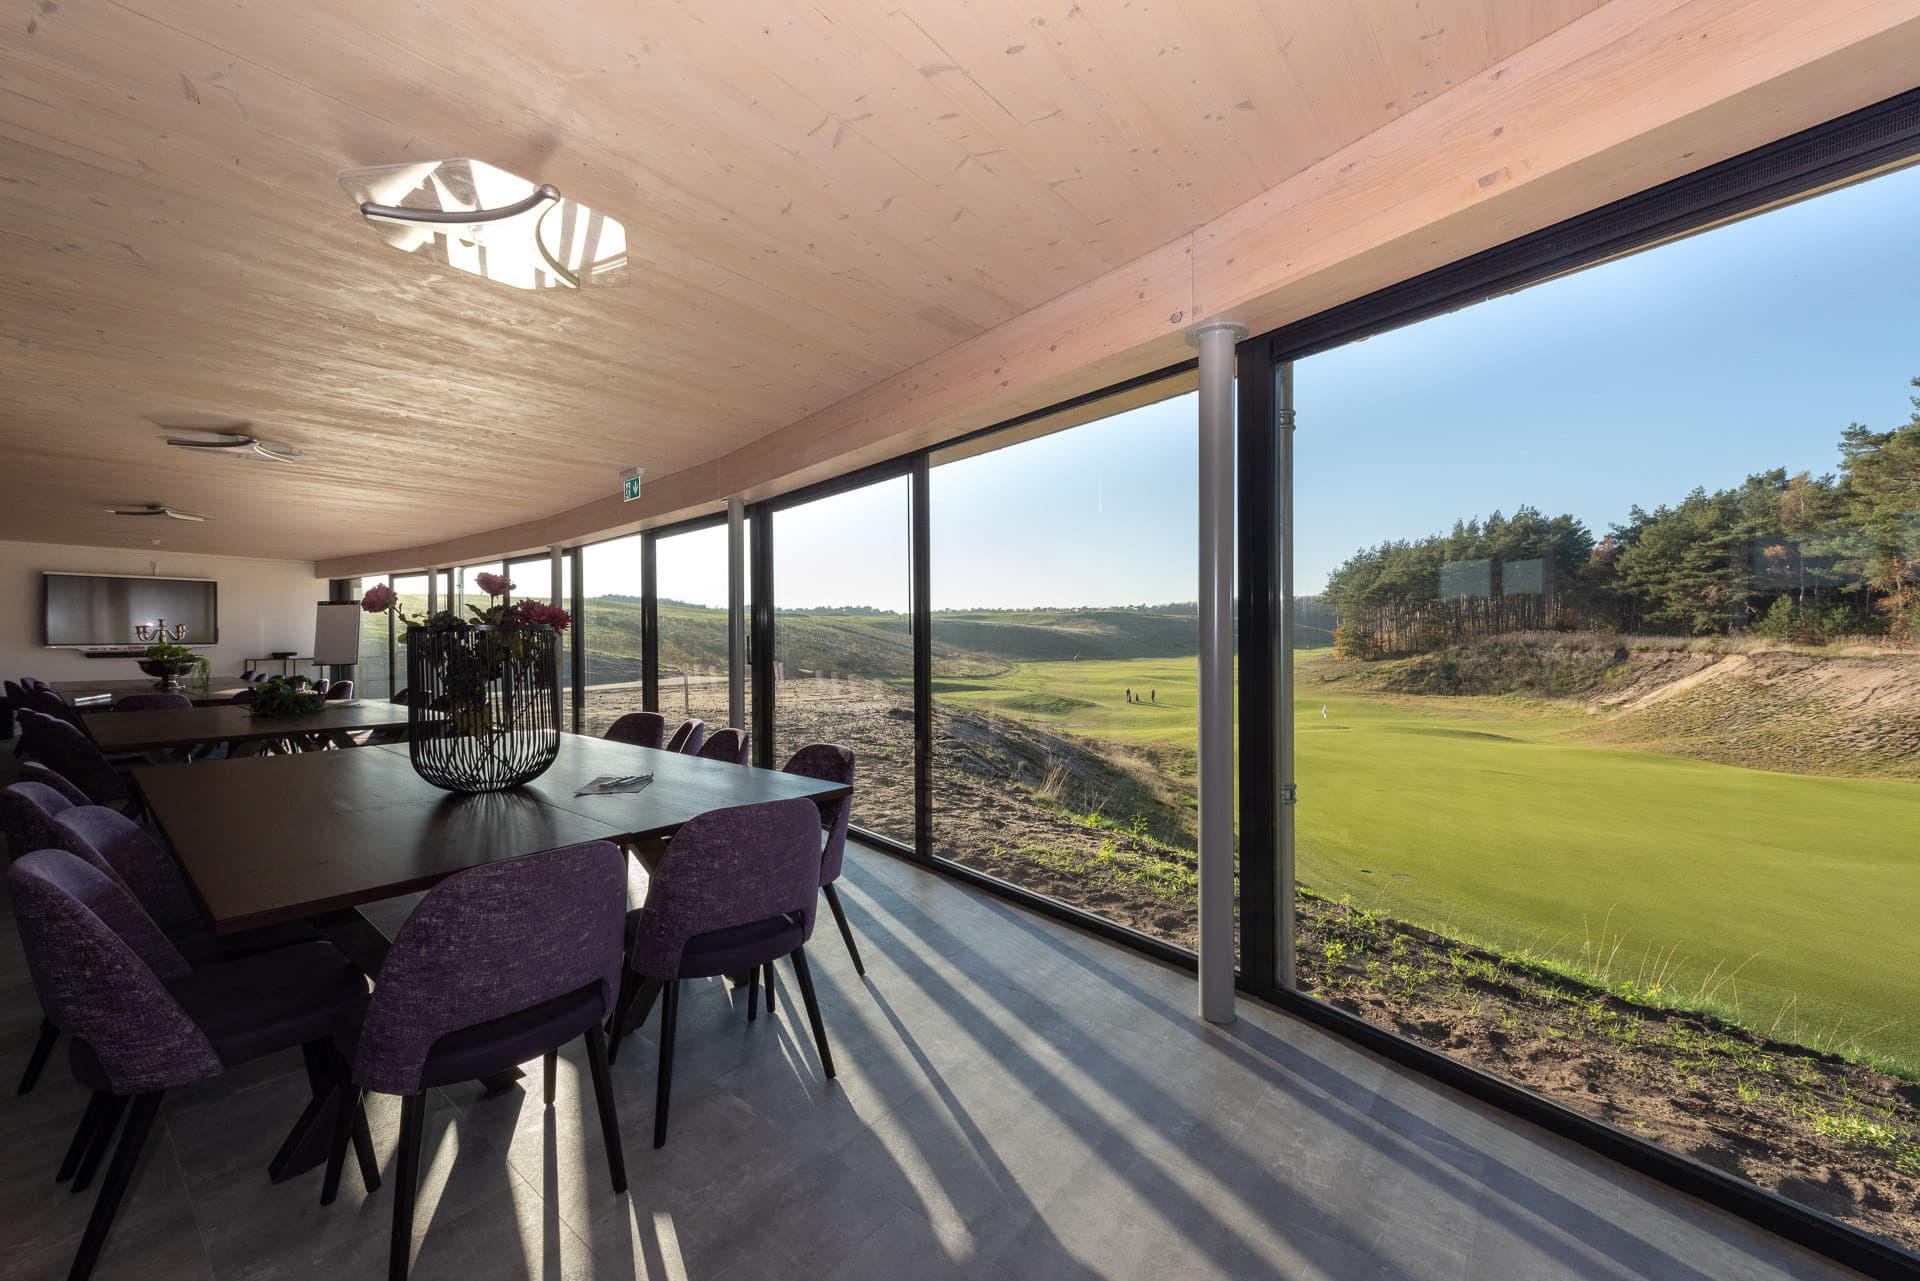 Uitzicht door grote ramen op een golfterrein